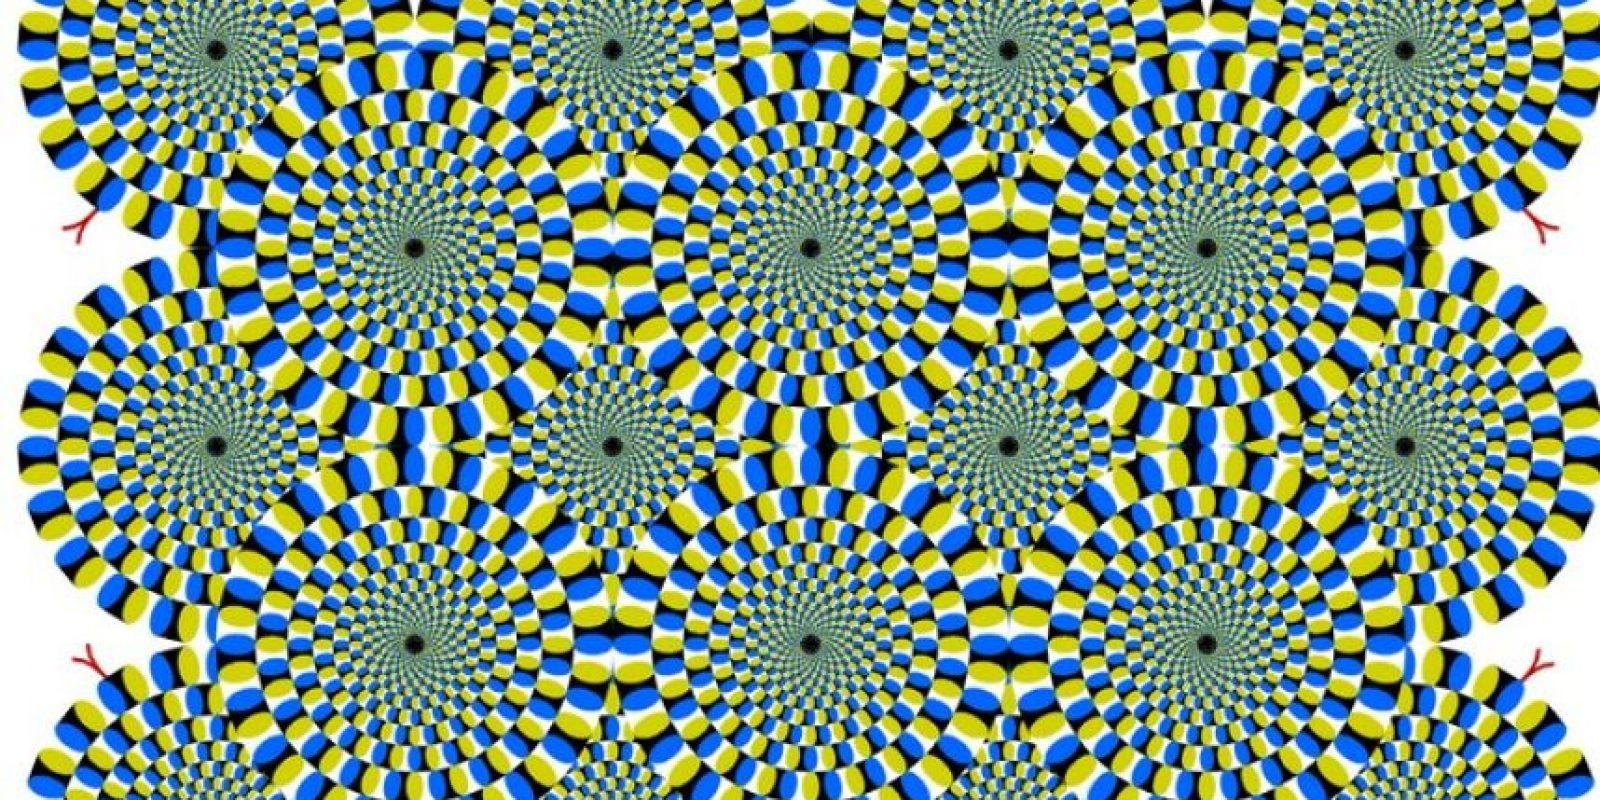 Dicho efecto no es para tomarse a la ligera, por lo que deben pensar bien en si realmente deben observar el video completo. Foto:Tumblr.com/Tagged/ilusion/optica